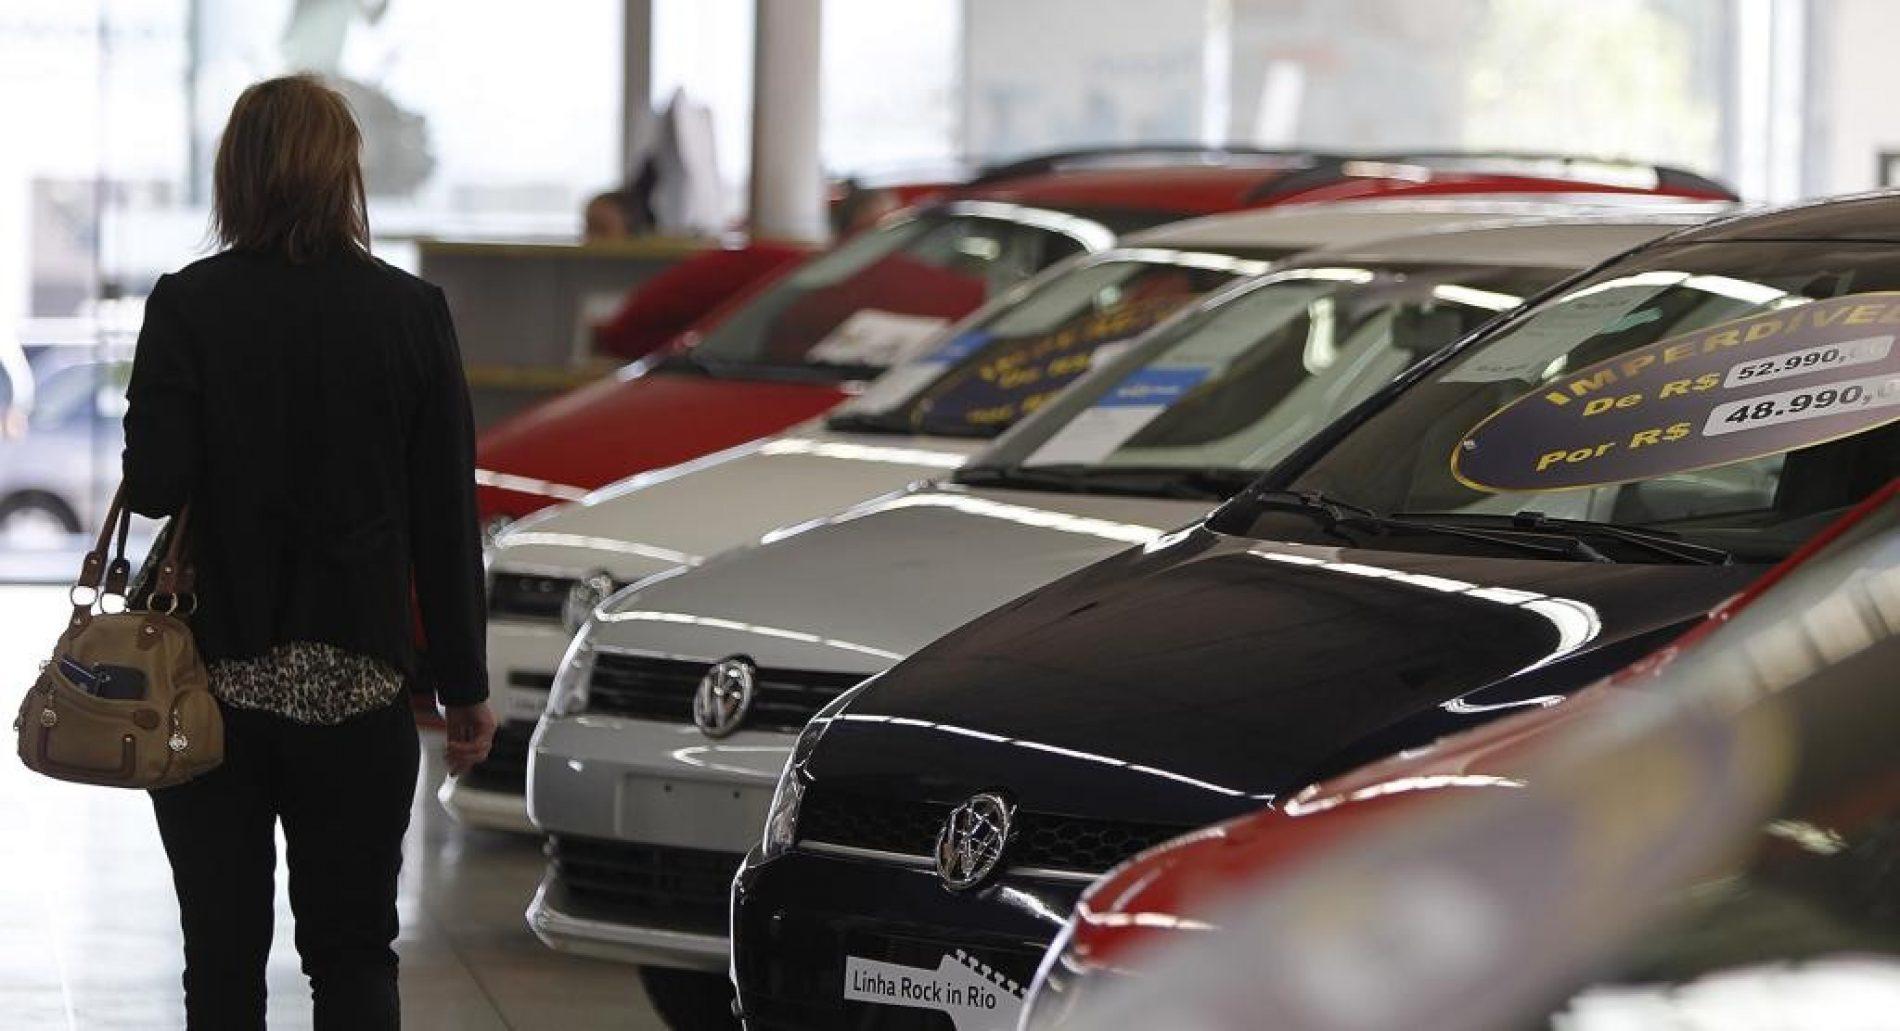 Venda total de veículos novos cresce 16,77% em maio, diz Fenabrave